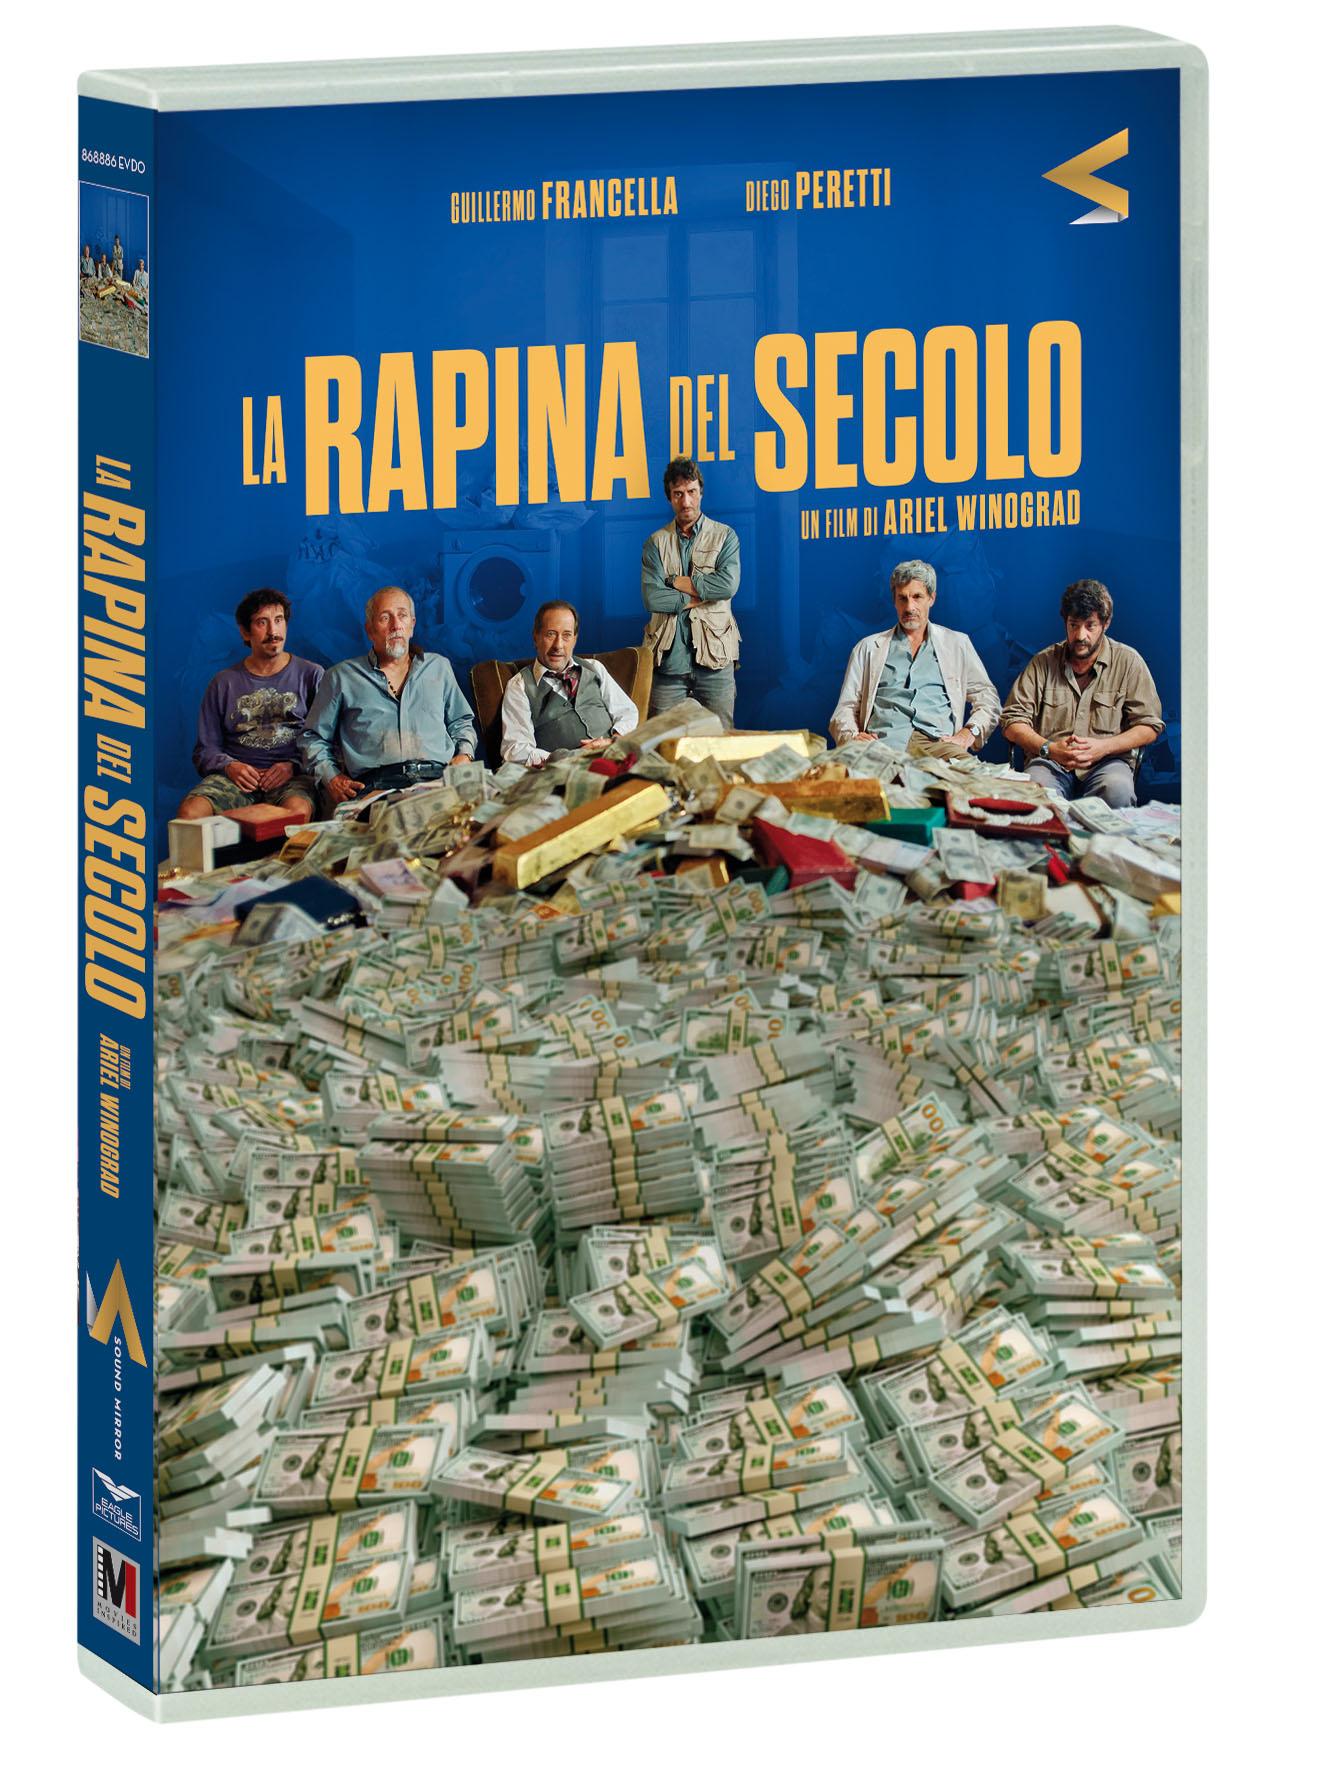 LA RAPINA DEL SECOLO (DVD)